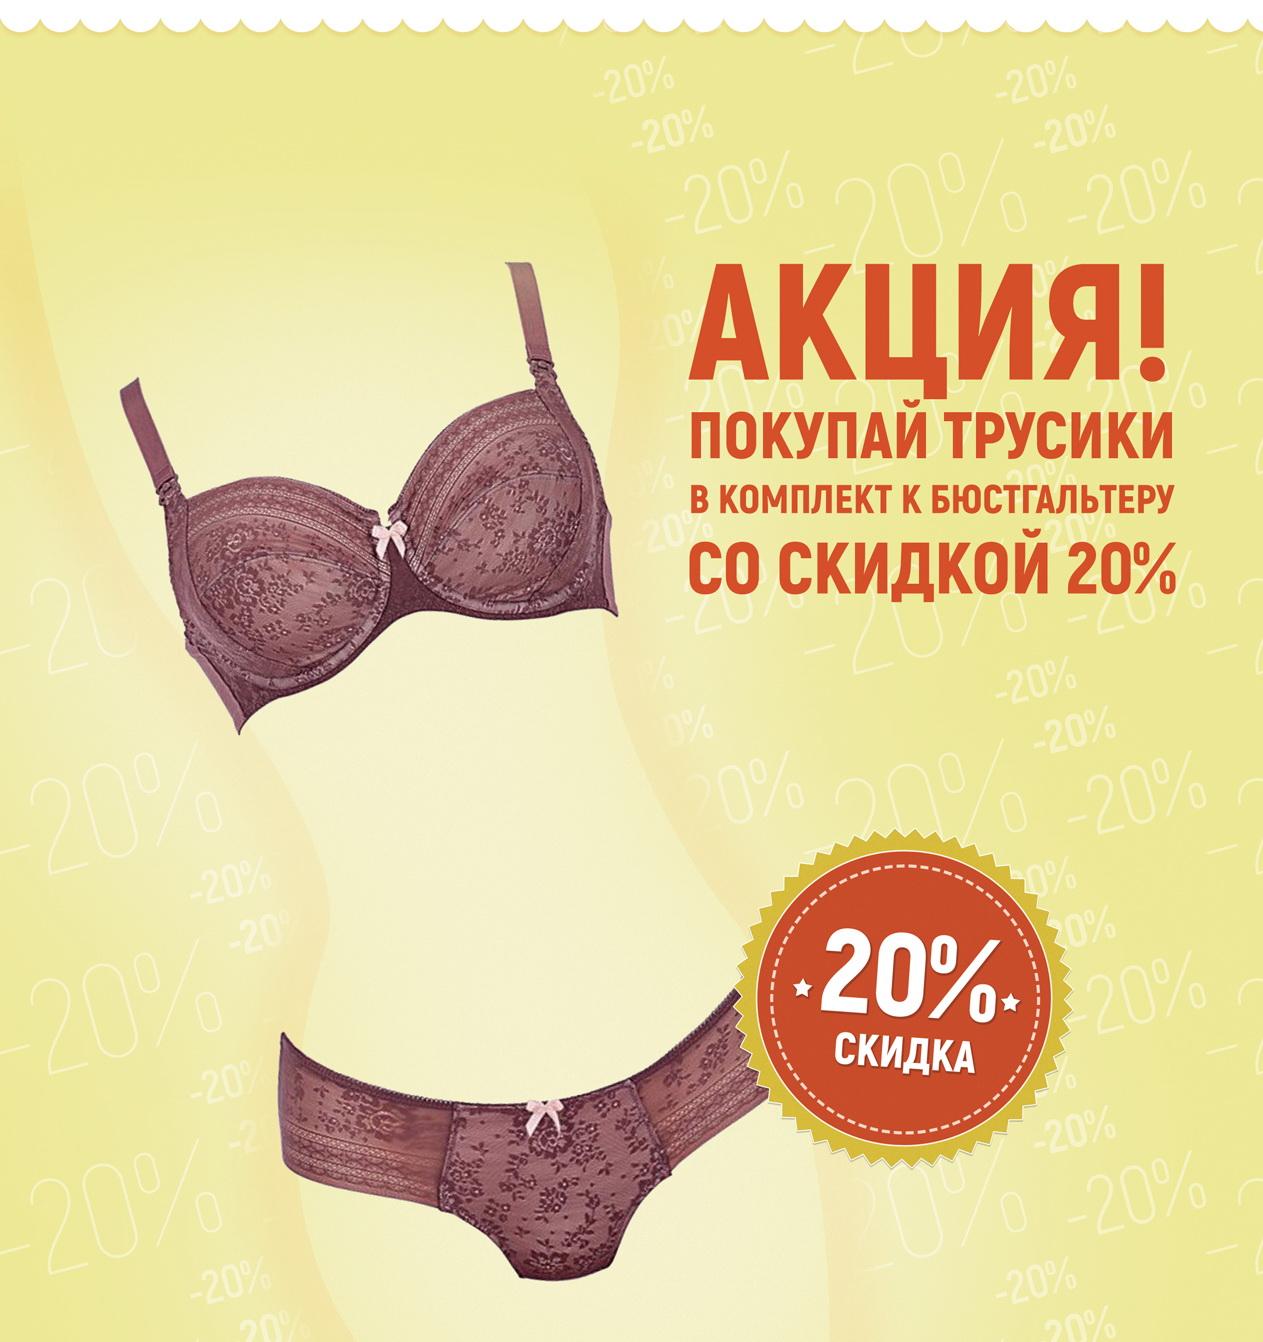 Акция -20% скидка на трусы к бюстгальтеру для кормления